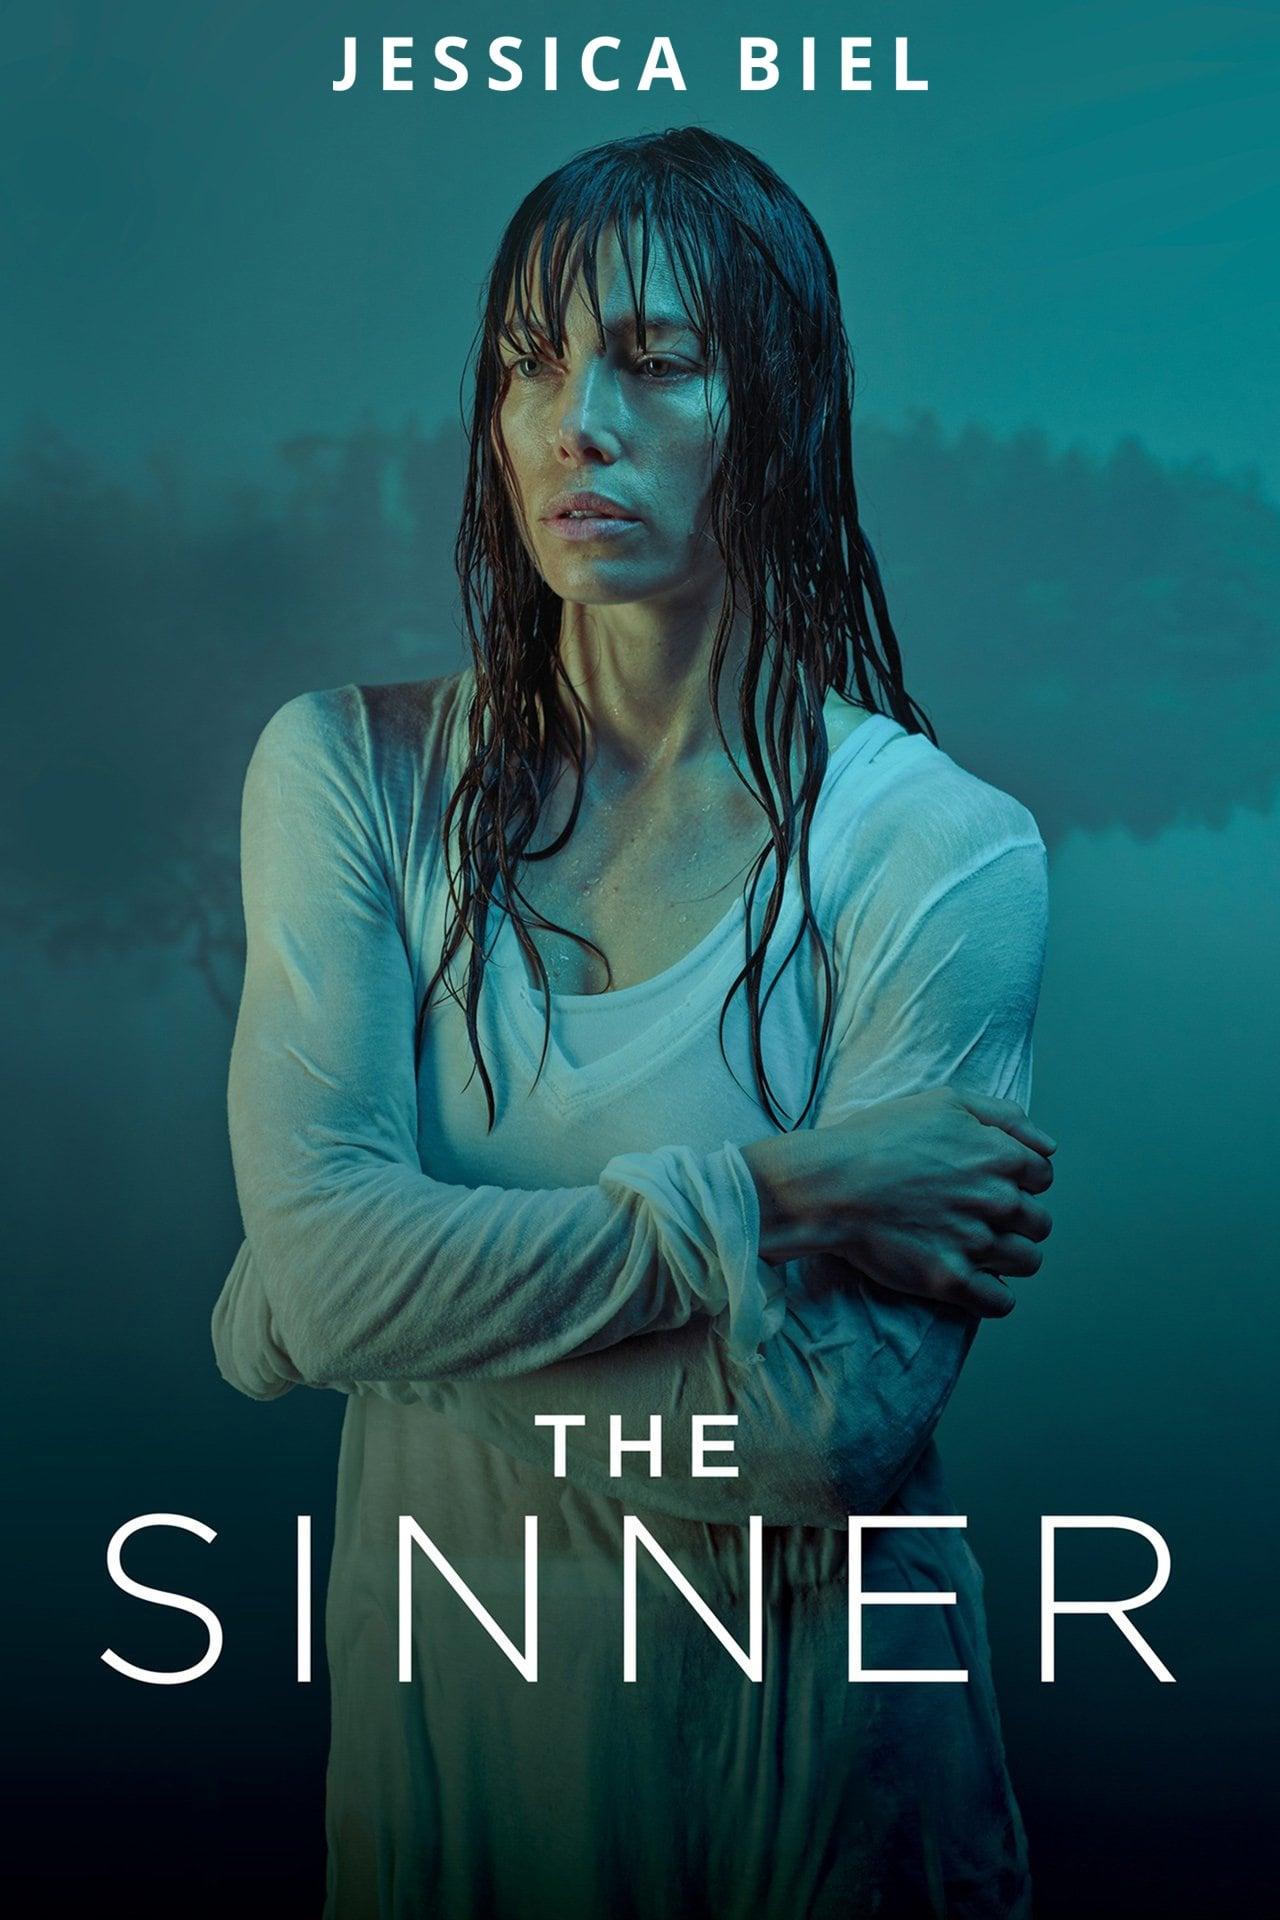 Bildergebnis für the sinner serie plakat